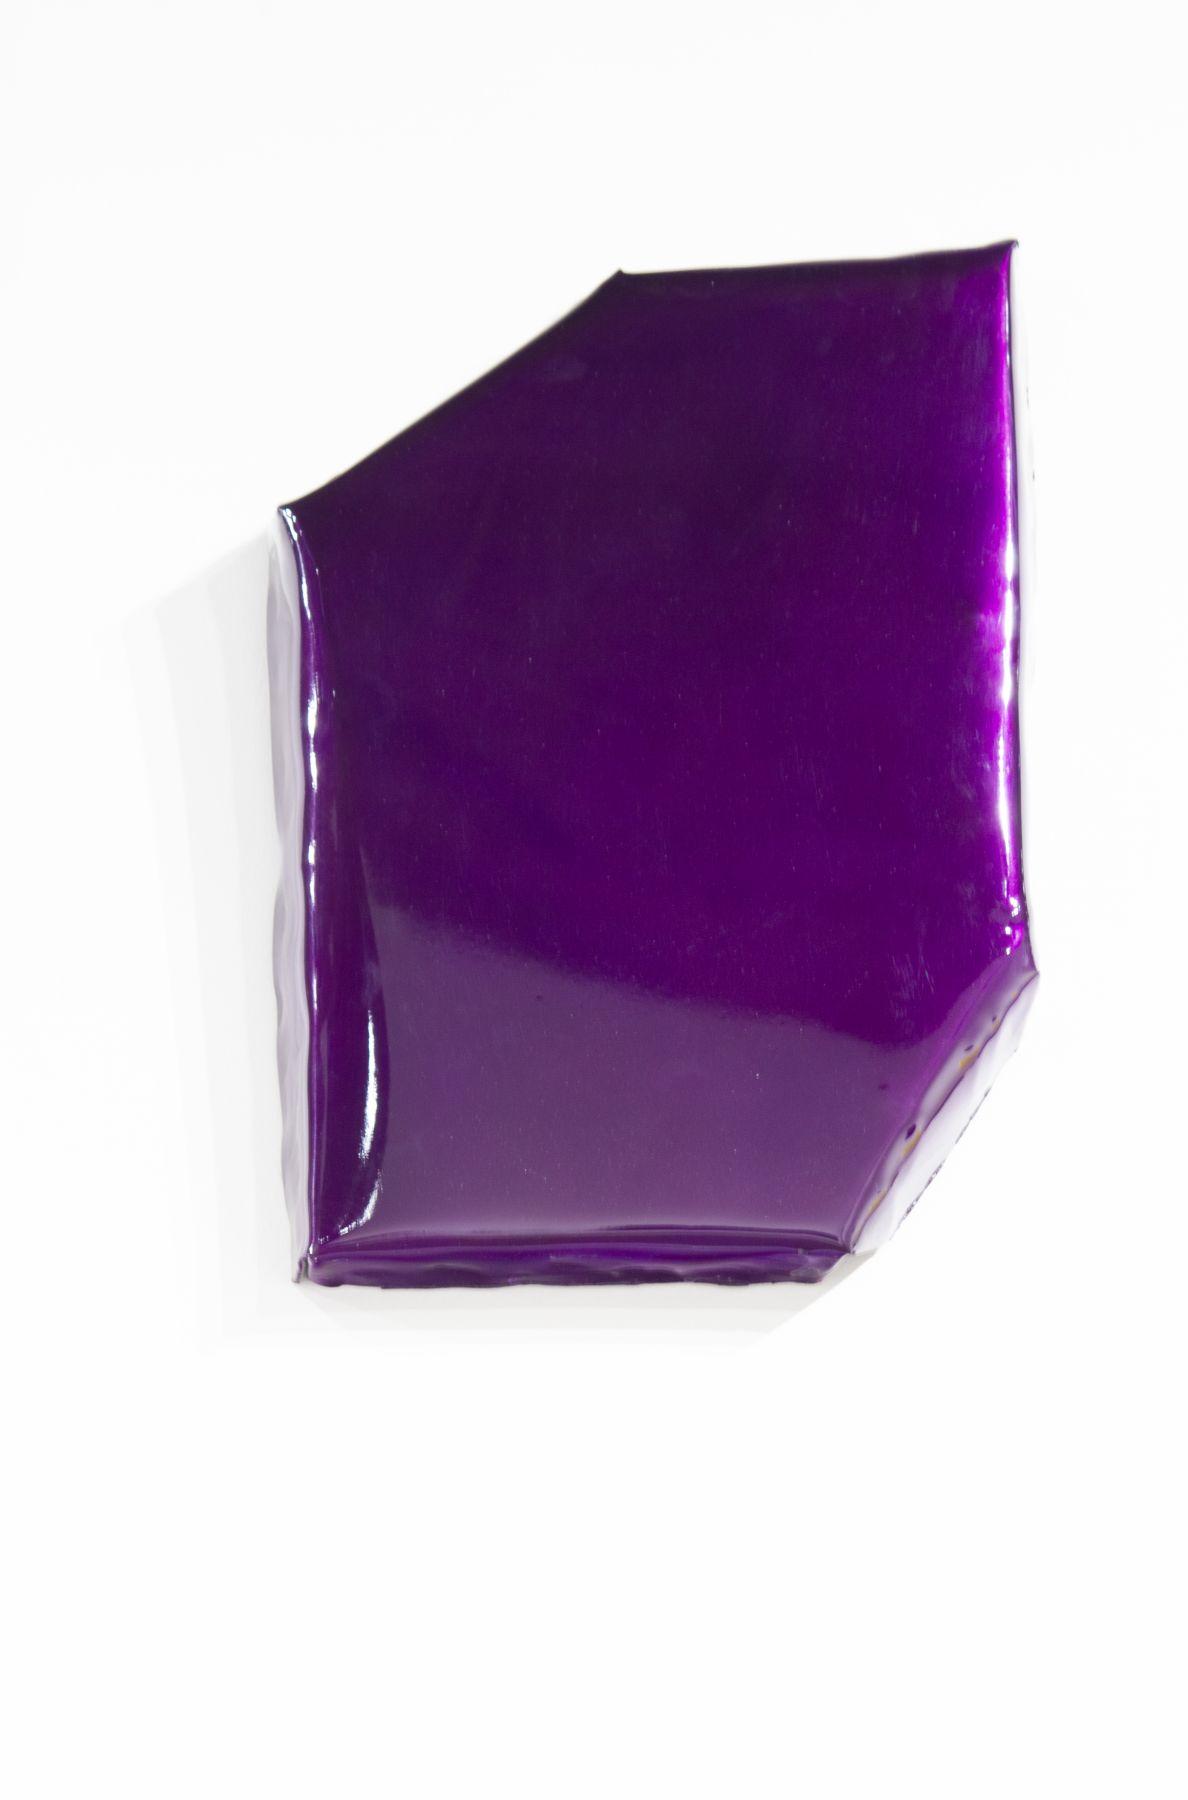 purple painting shiny on steel finish fetish shiny irregular